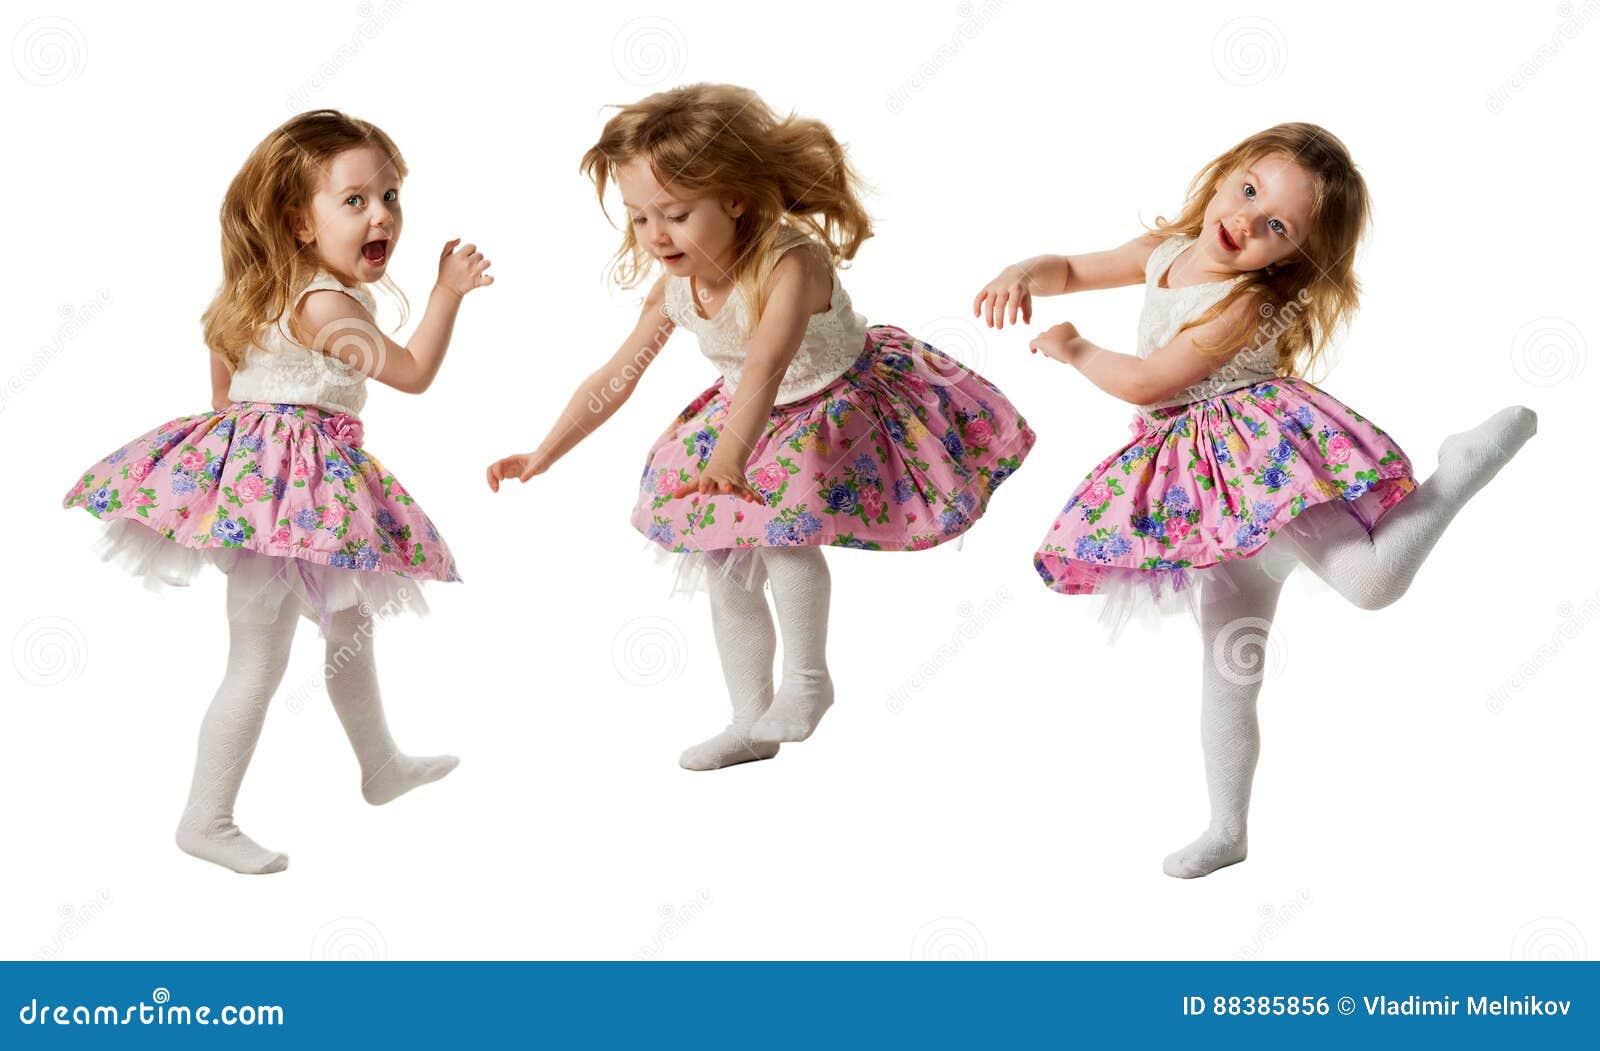 跳跃充满喜悦的逗人喜爱的小女孩隔绝在白色背景